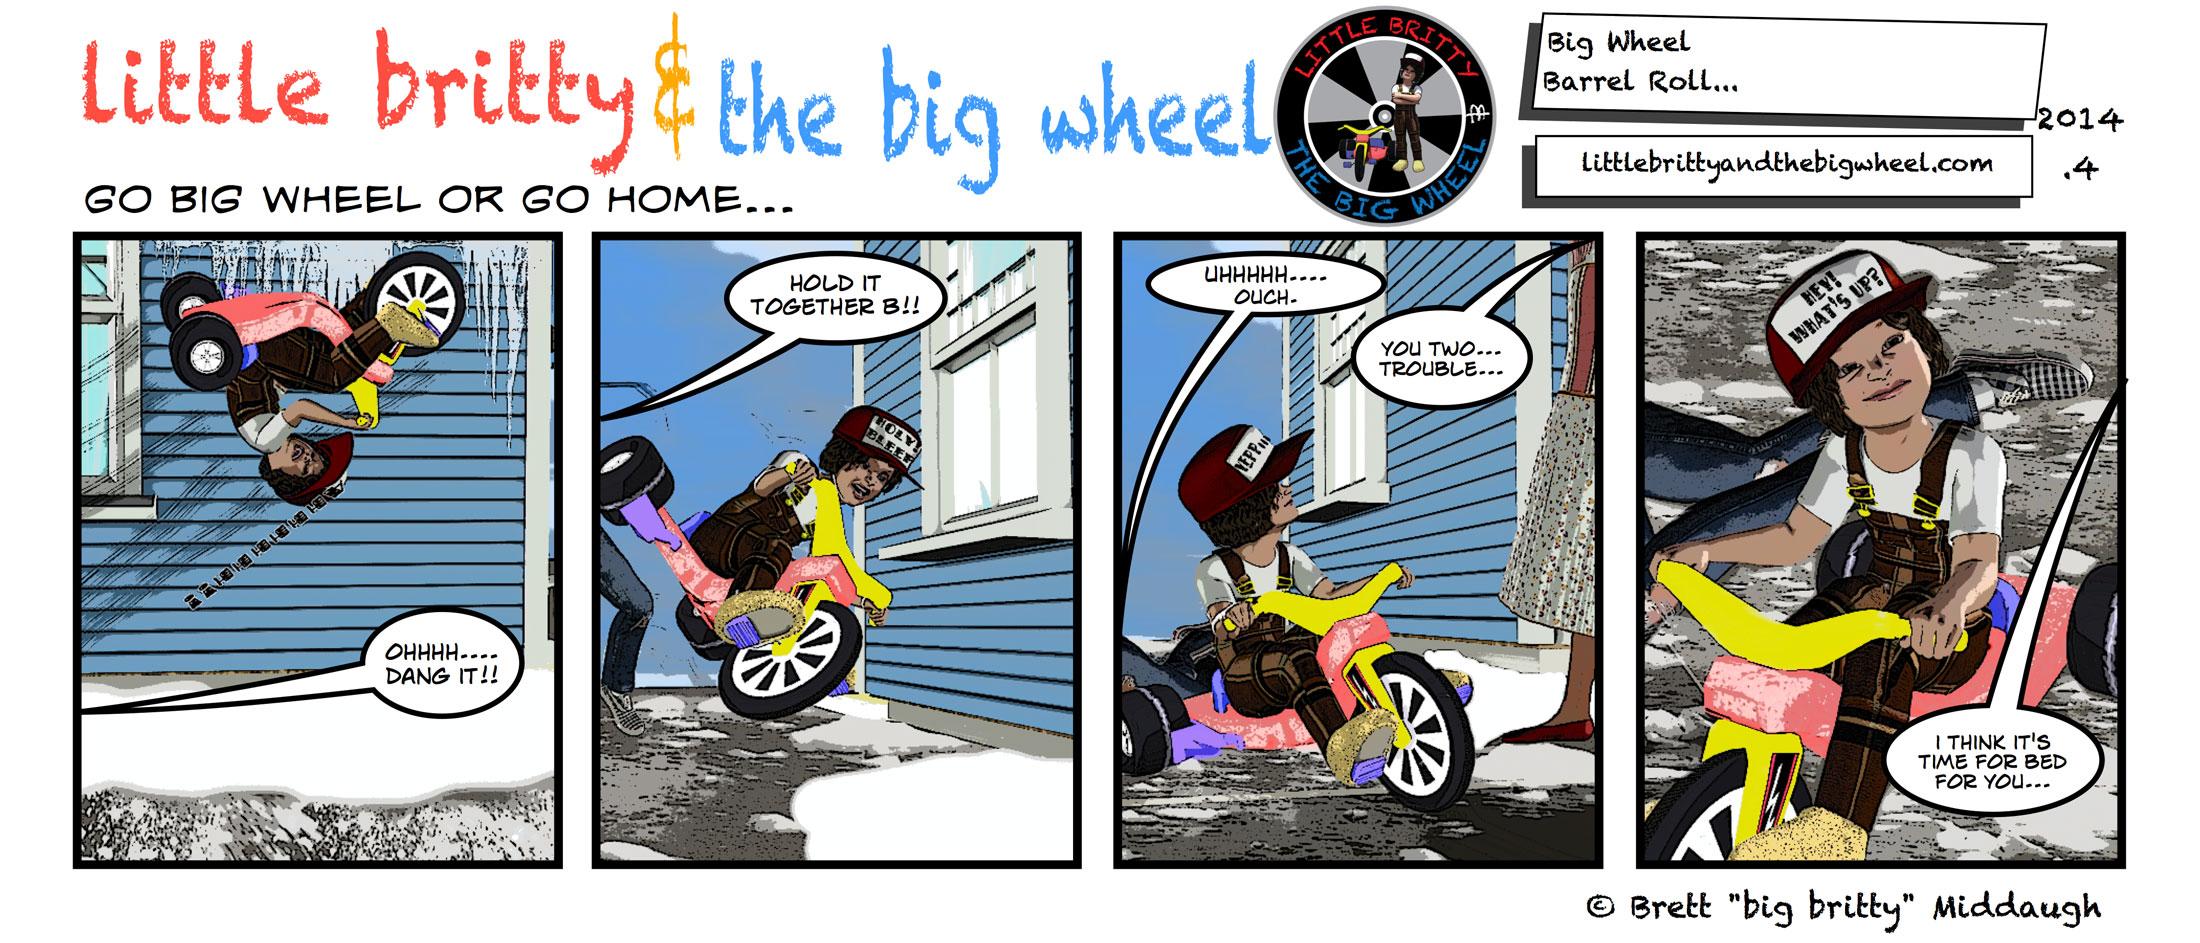 big wheel barrel roll #7